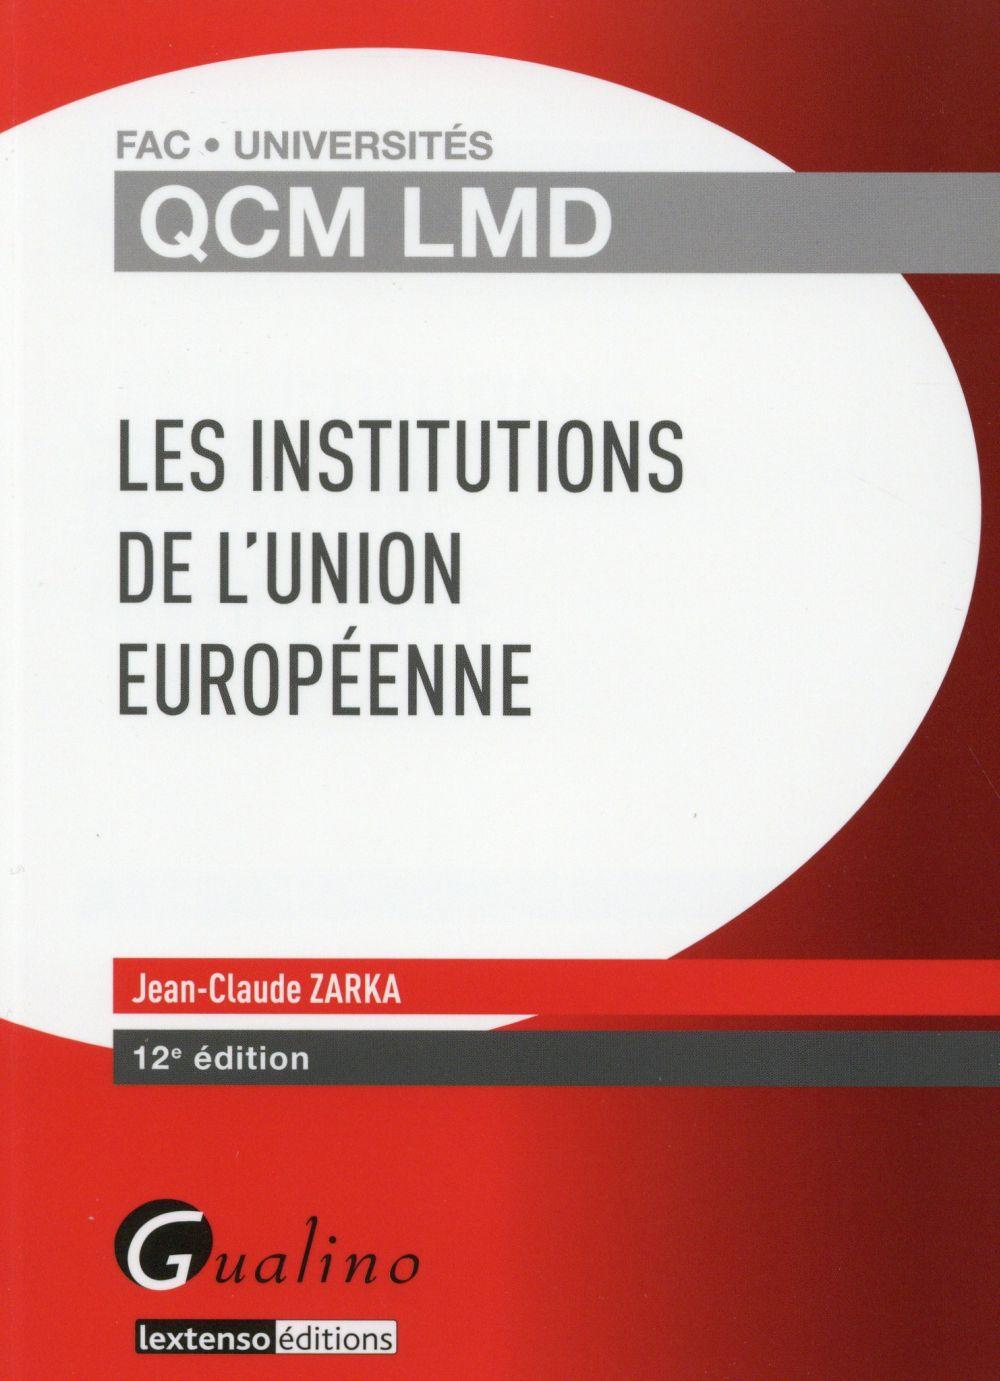 LES INSTITUTIONS DE L'UNION EUROPEENNE